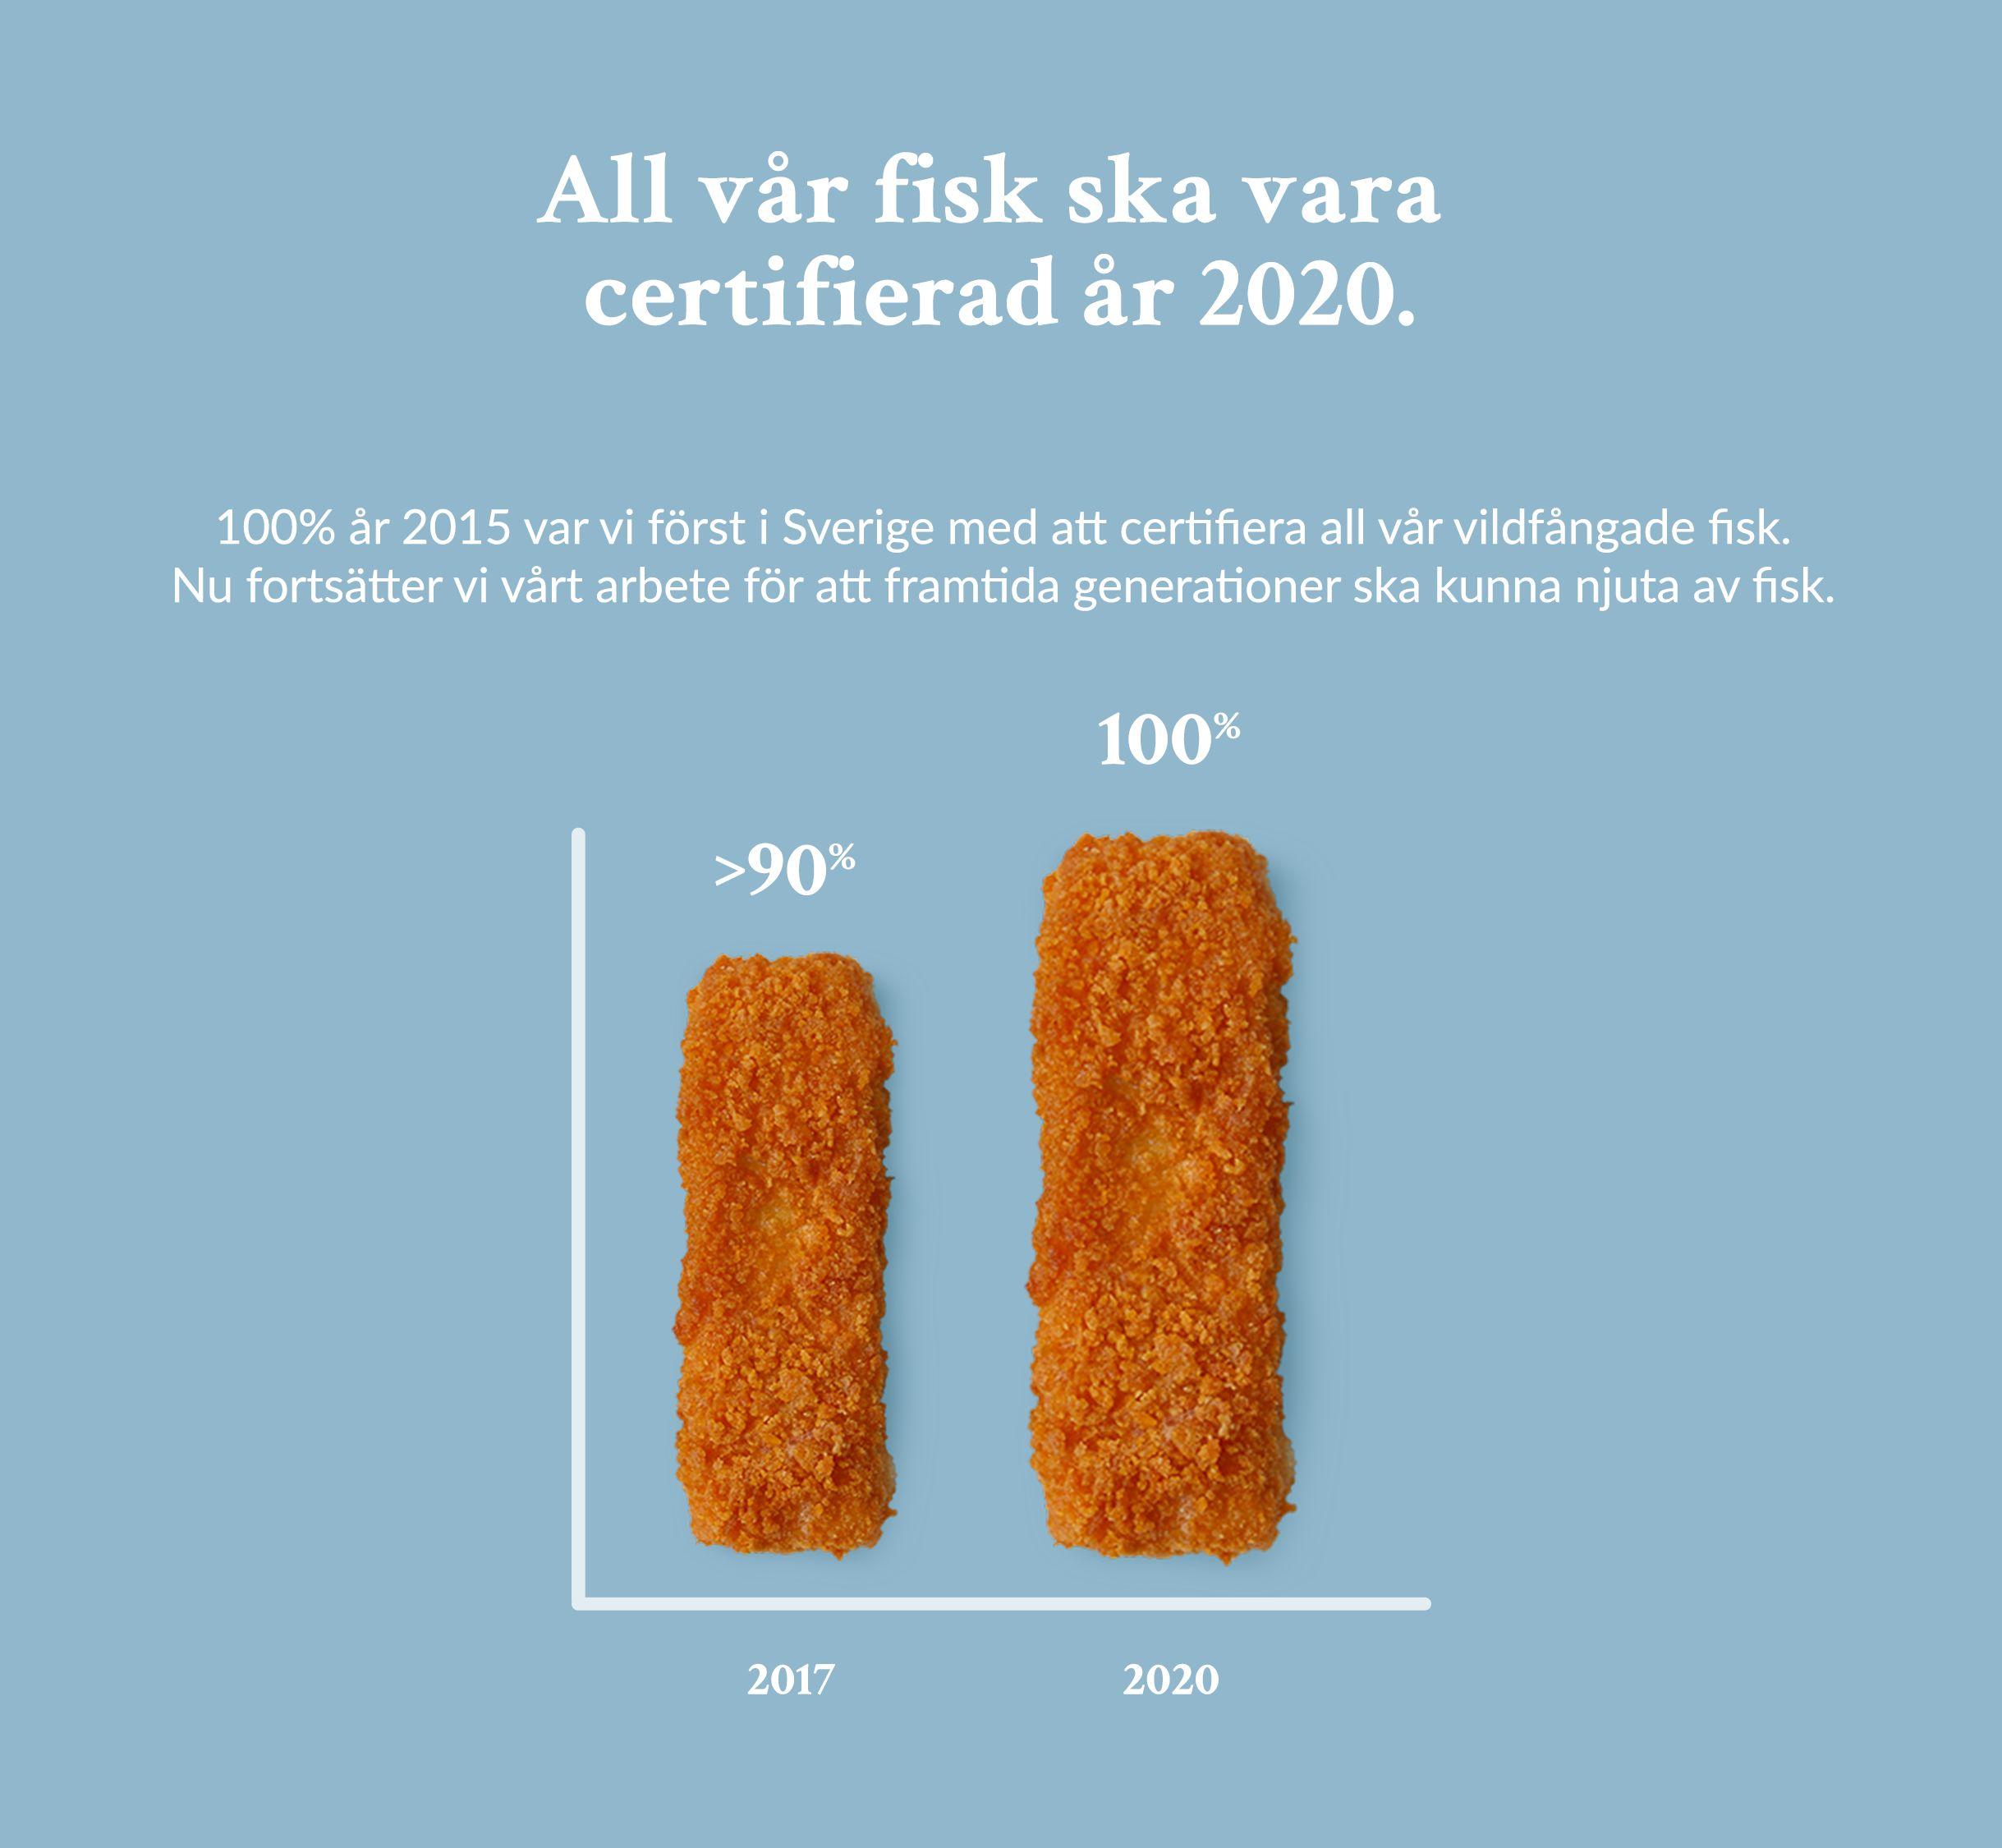 All vår odalde fisk ska vara certifierad år 2020